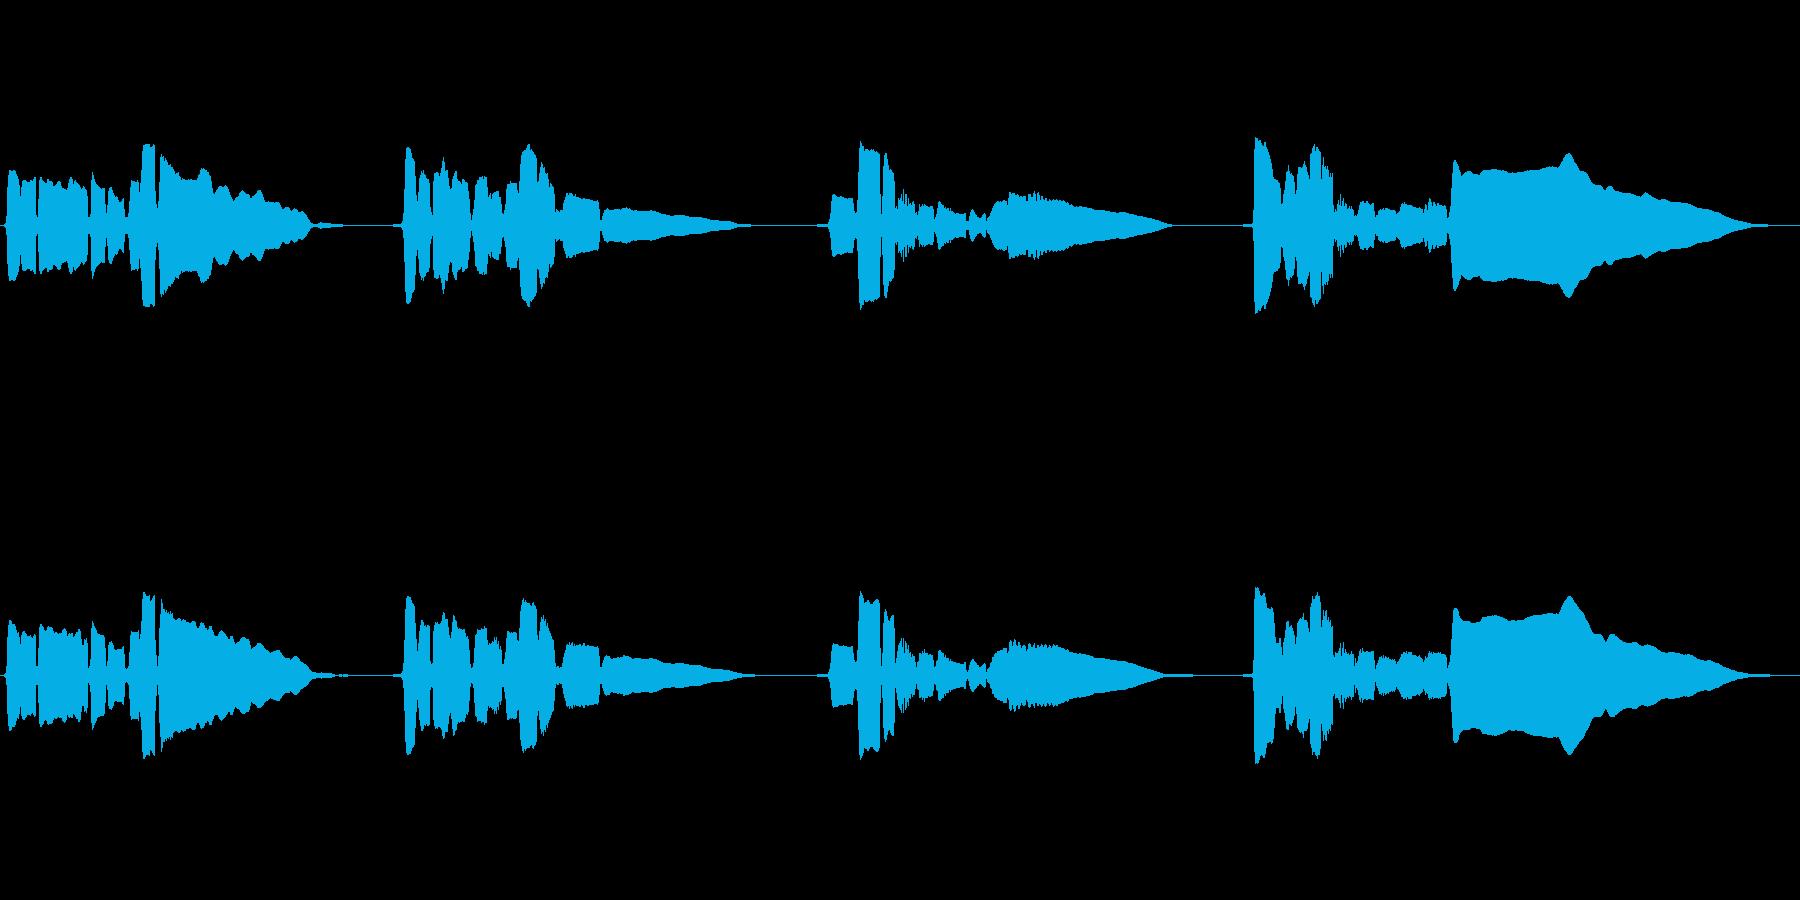 サックスソロ演奏です。暗めのメロの再生済みの波形